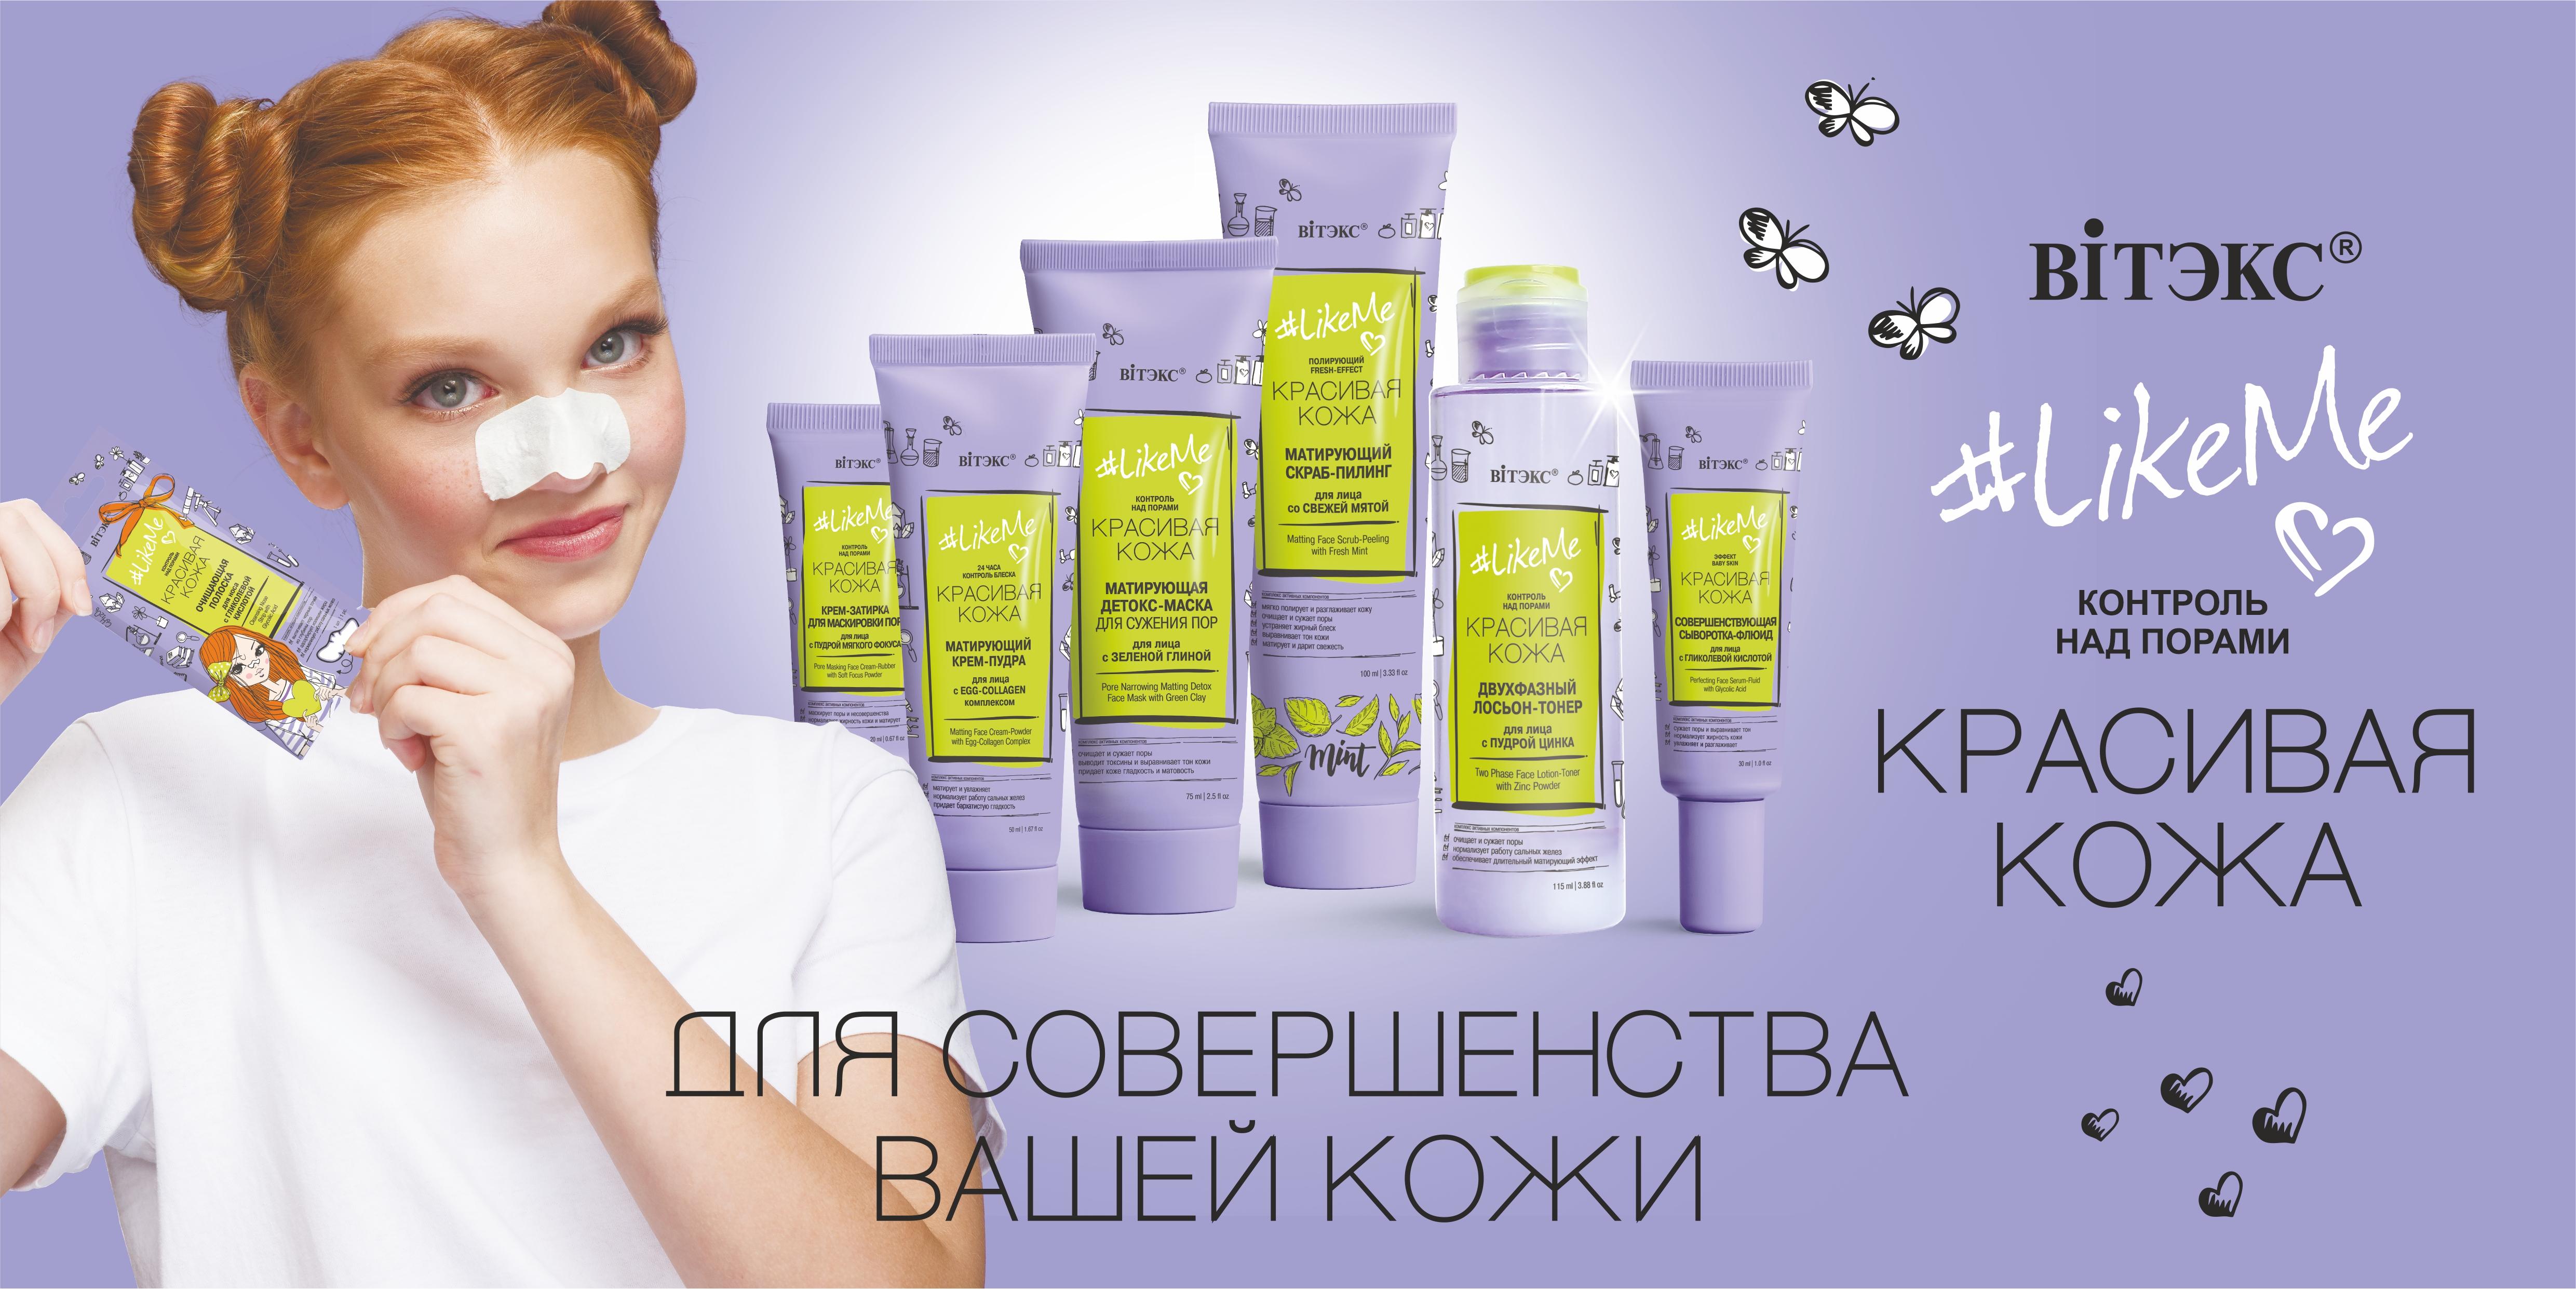 Белита-Витекс-Могилев